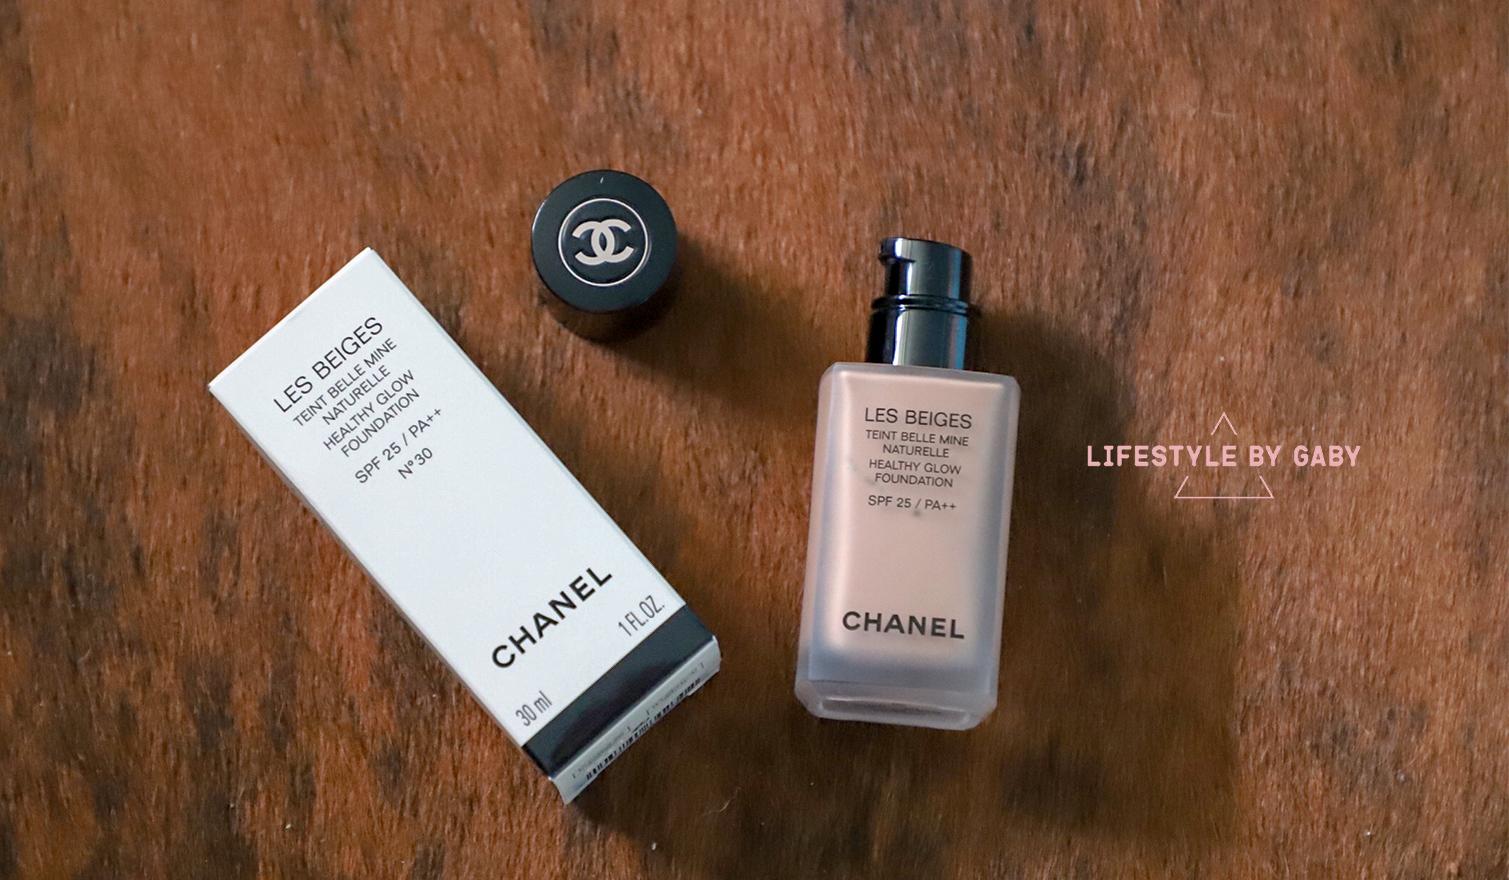 #14. Een mooie huid dankzij de foundation van Chanel